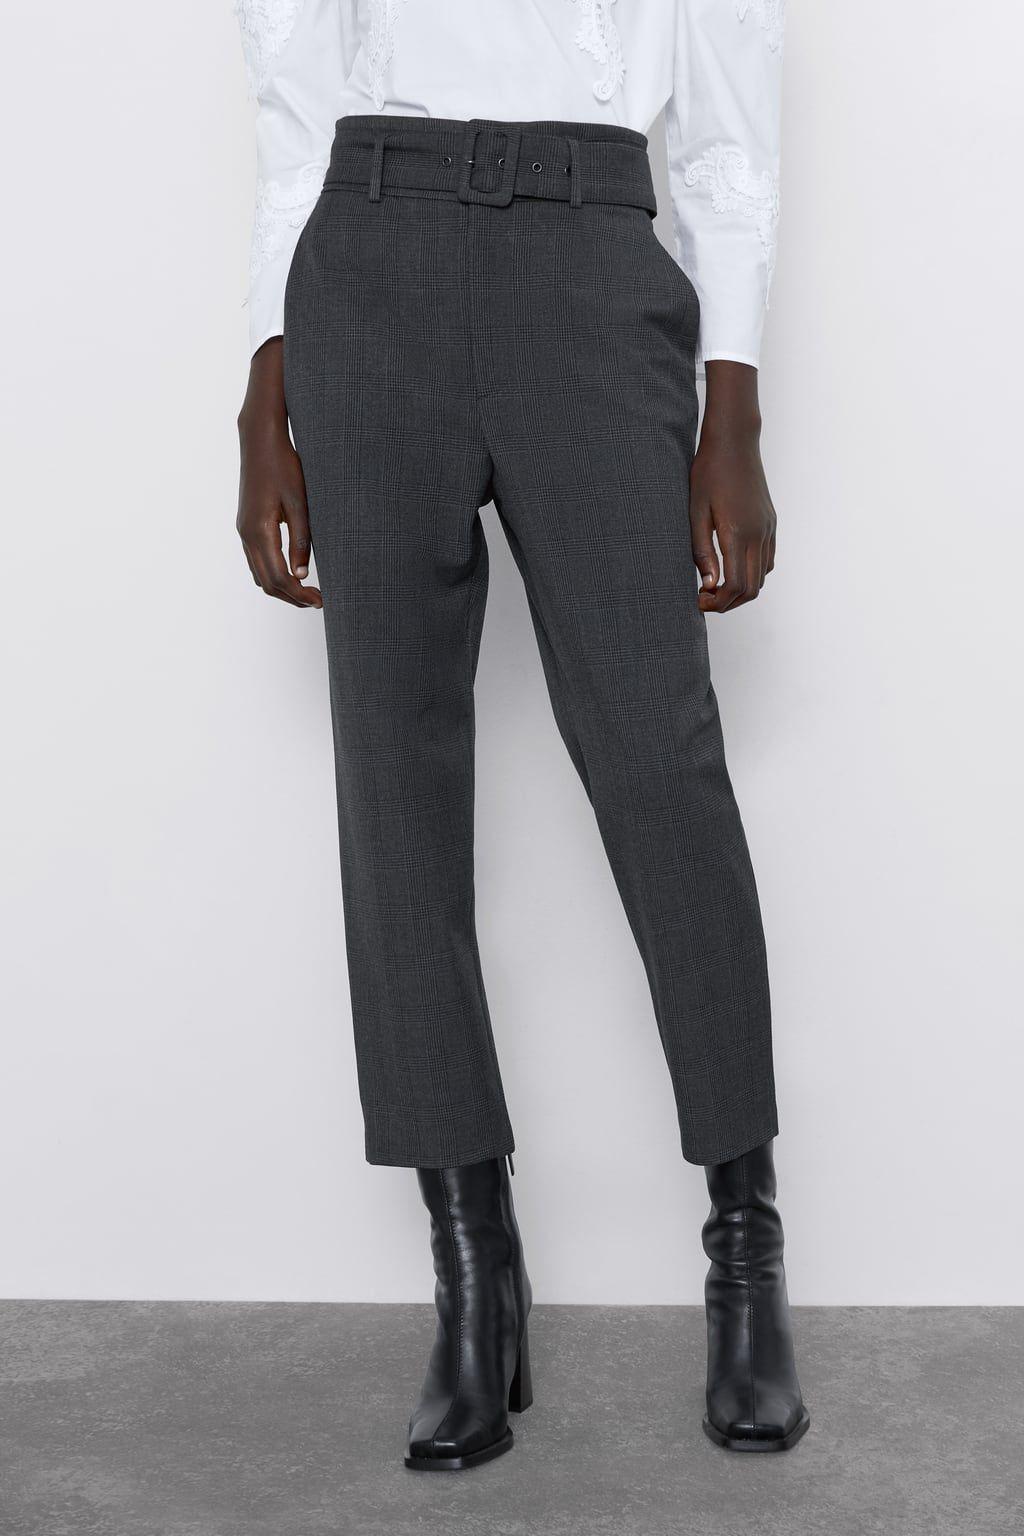 Calcas Xadrez Com Cinto Ver Tudo Calcas Mulher Zara Portugal Plaid Pants Pants Checked Trousers